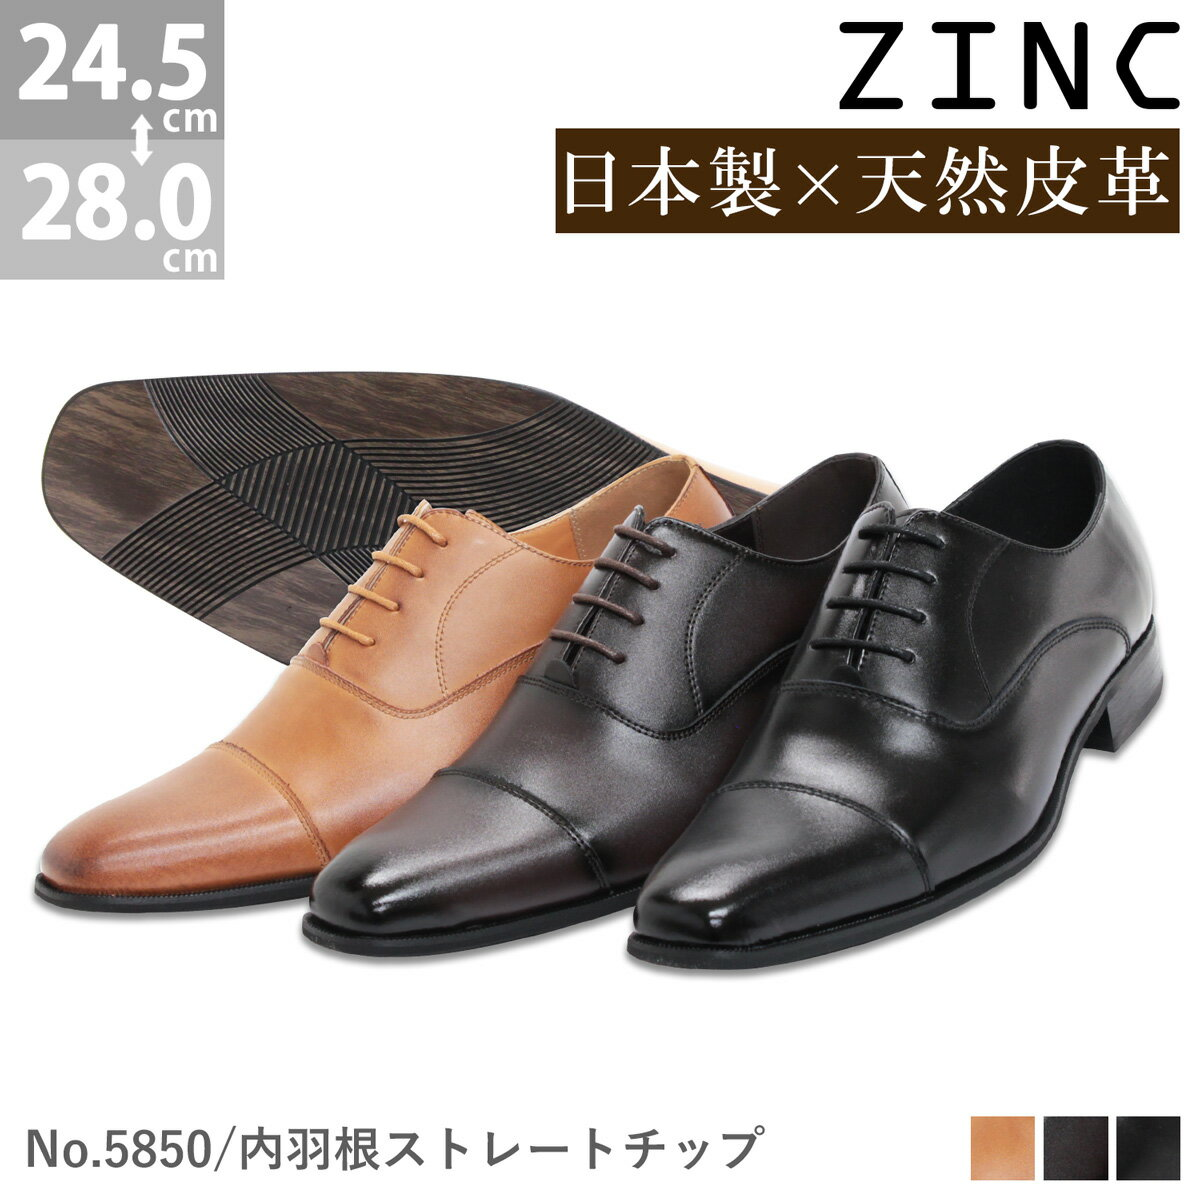 【送料無料】[ZINC ジンク]日本製・本革 内羽根ストレートチップ ビジネスシューズ N…...:zealmarket:10006140